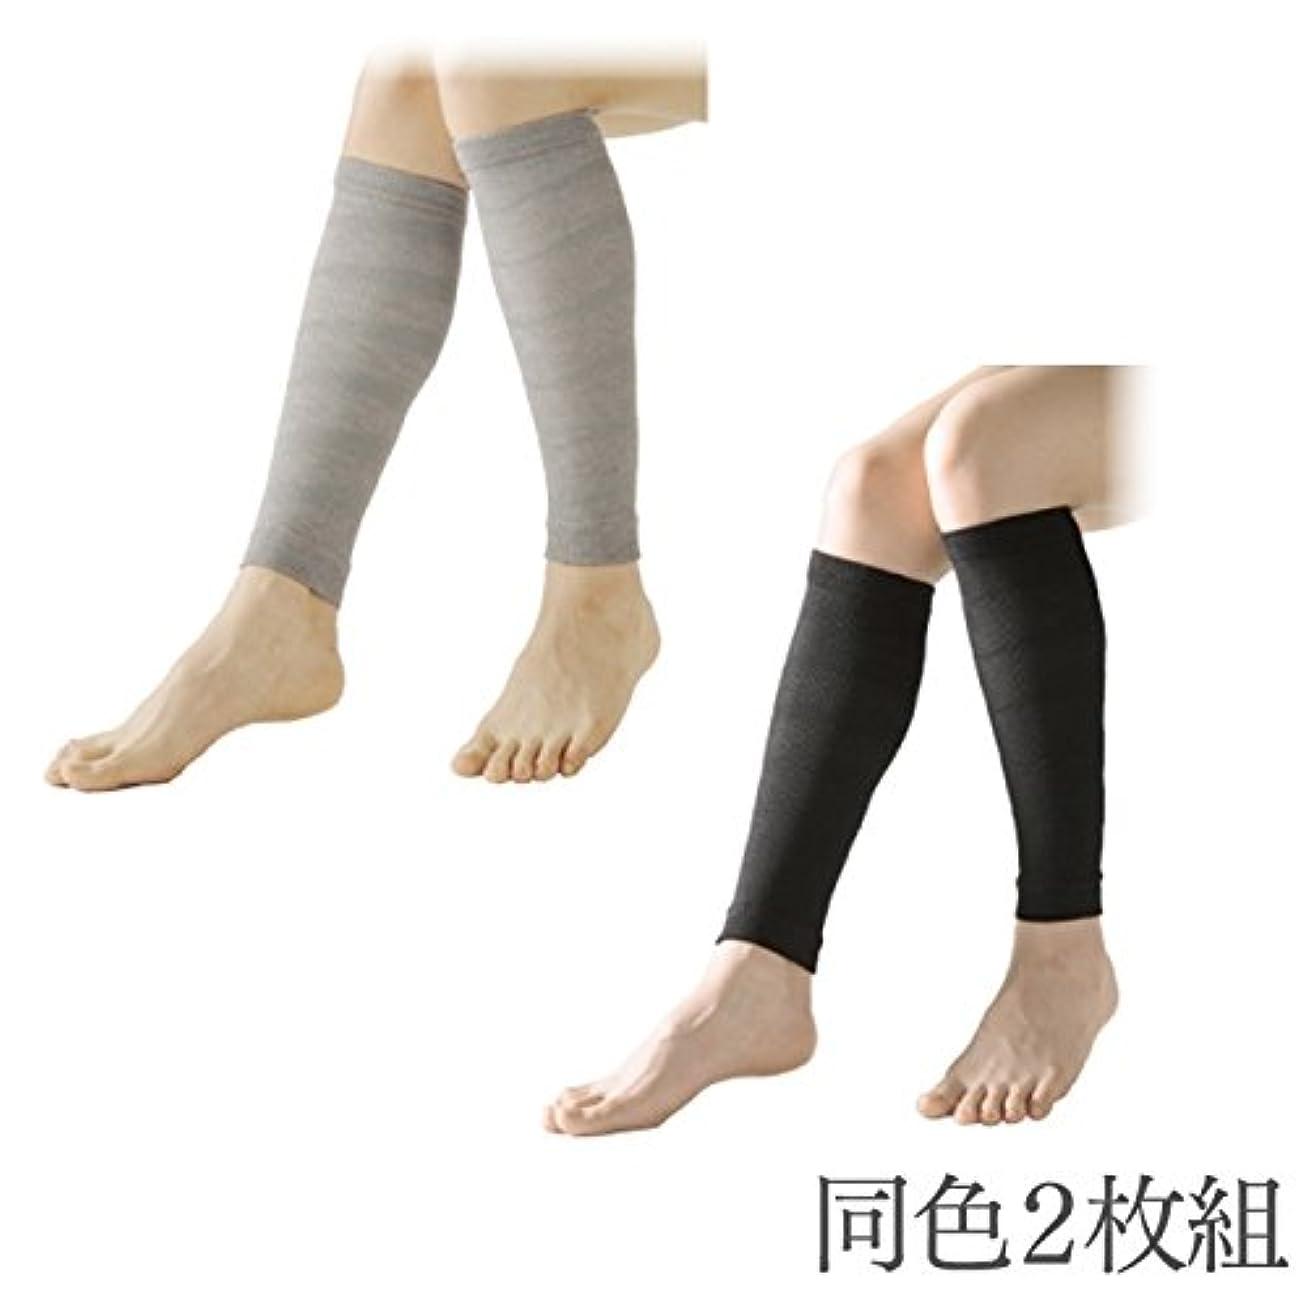 スポーツの試合を担当している人イデオロギー放射能着圧ソックス 足のむくみ 靴下 むくみ解消 着圧ふくらはぎサポーター 2枚組(グレー)